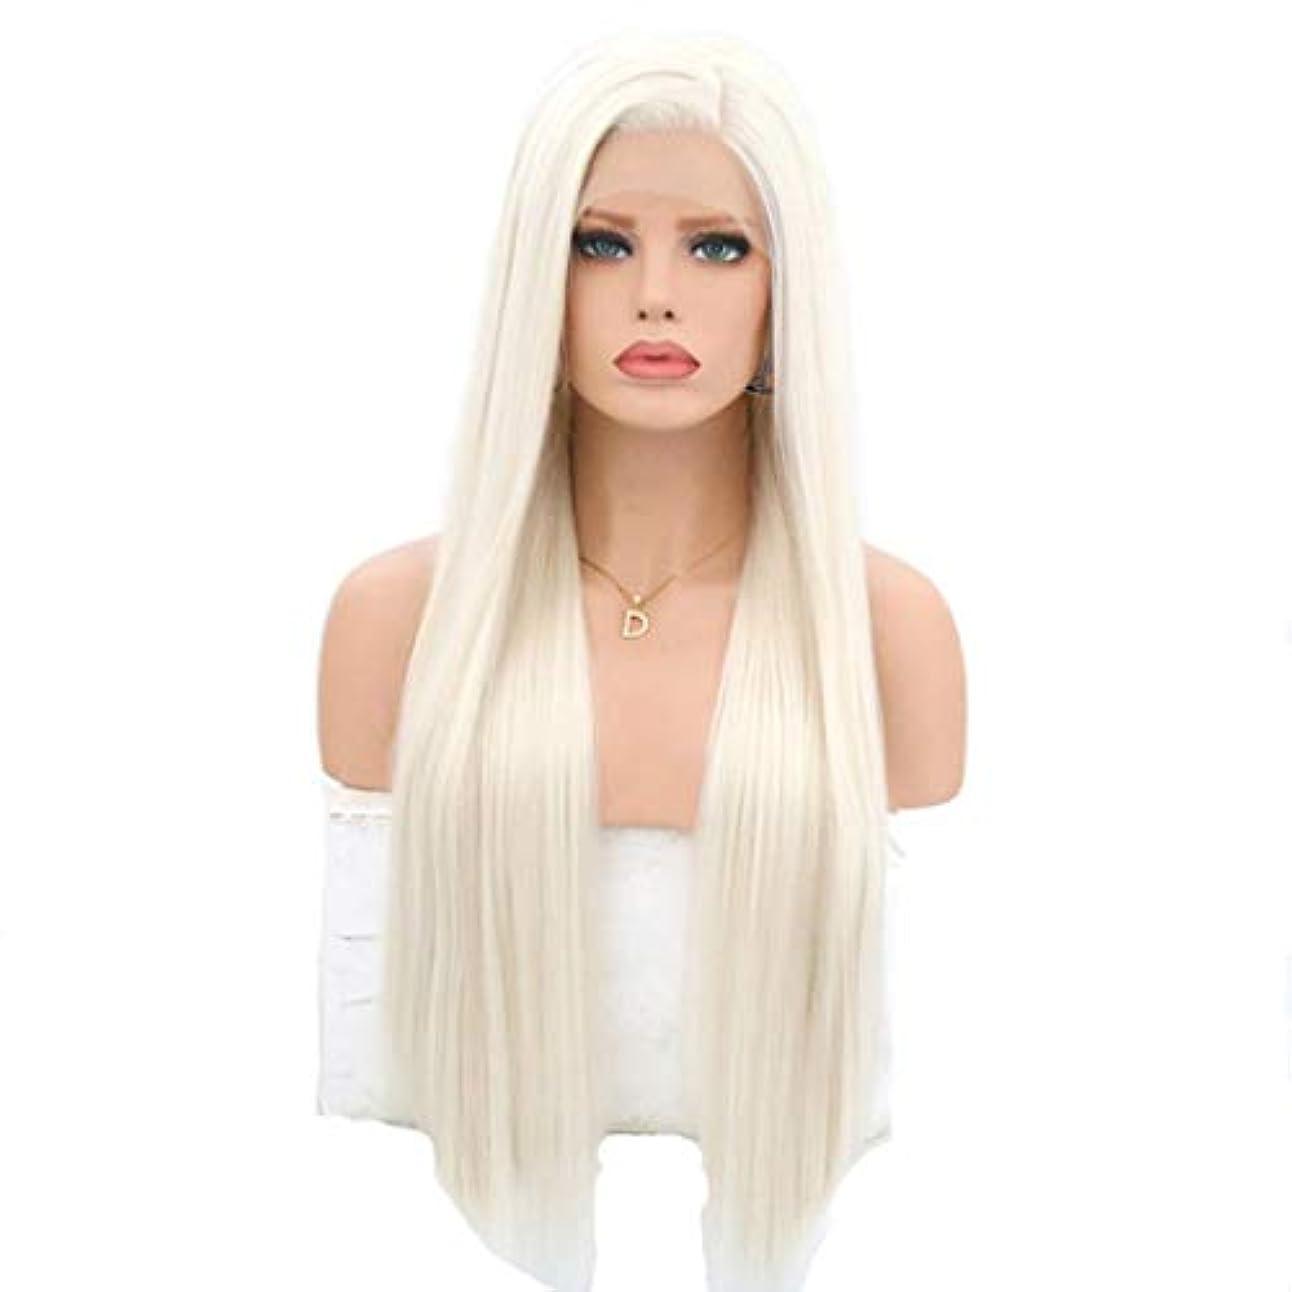 可動国民自宅でKerwinner 耐熱性女性用フロントレースかつらホワイトロングストレートケミカルファイバーウィッグ (Size : 16 inches)